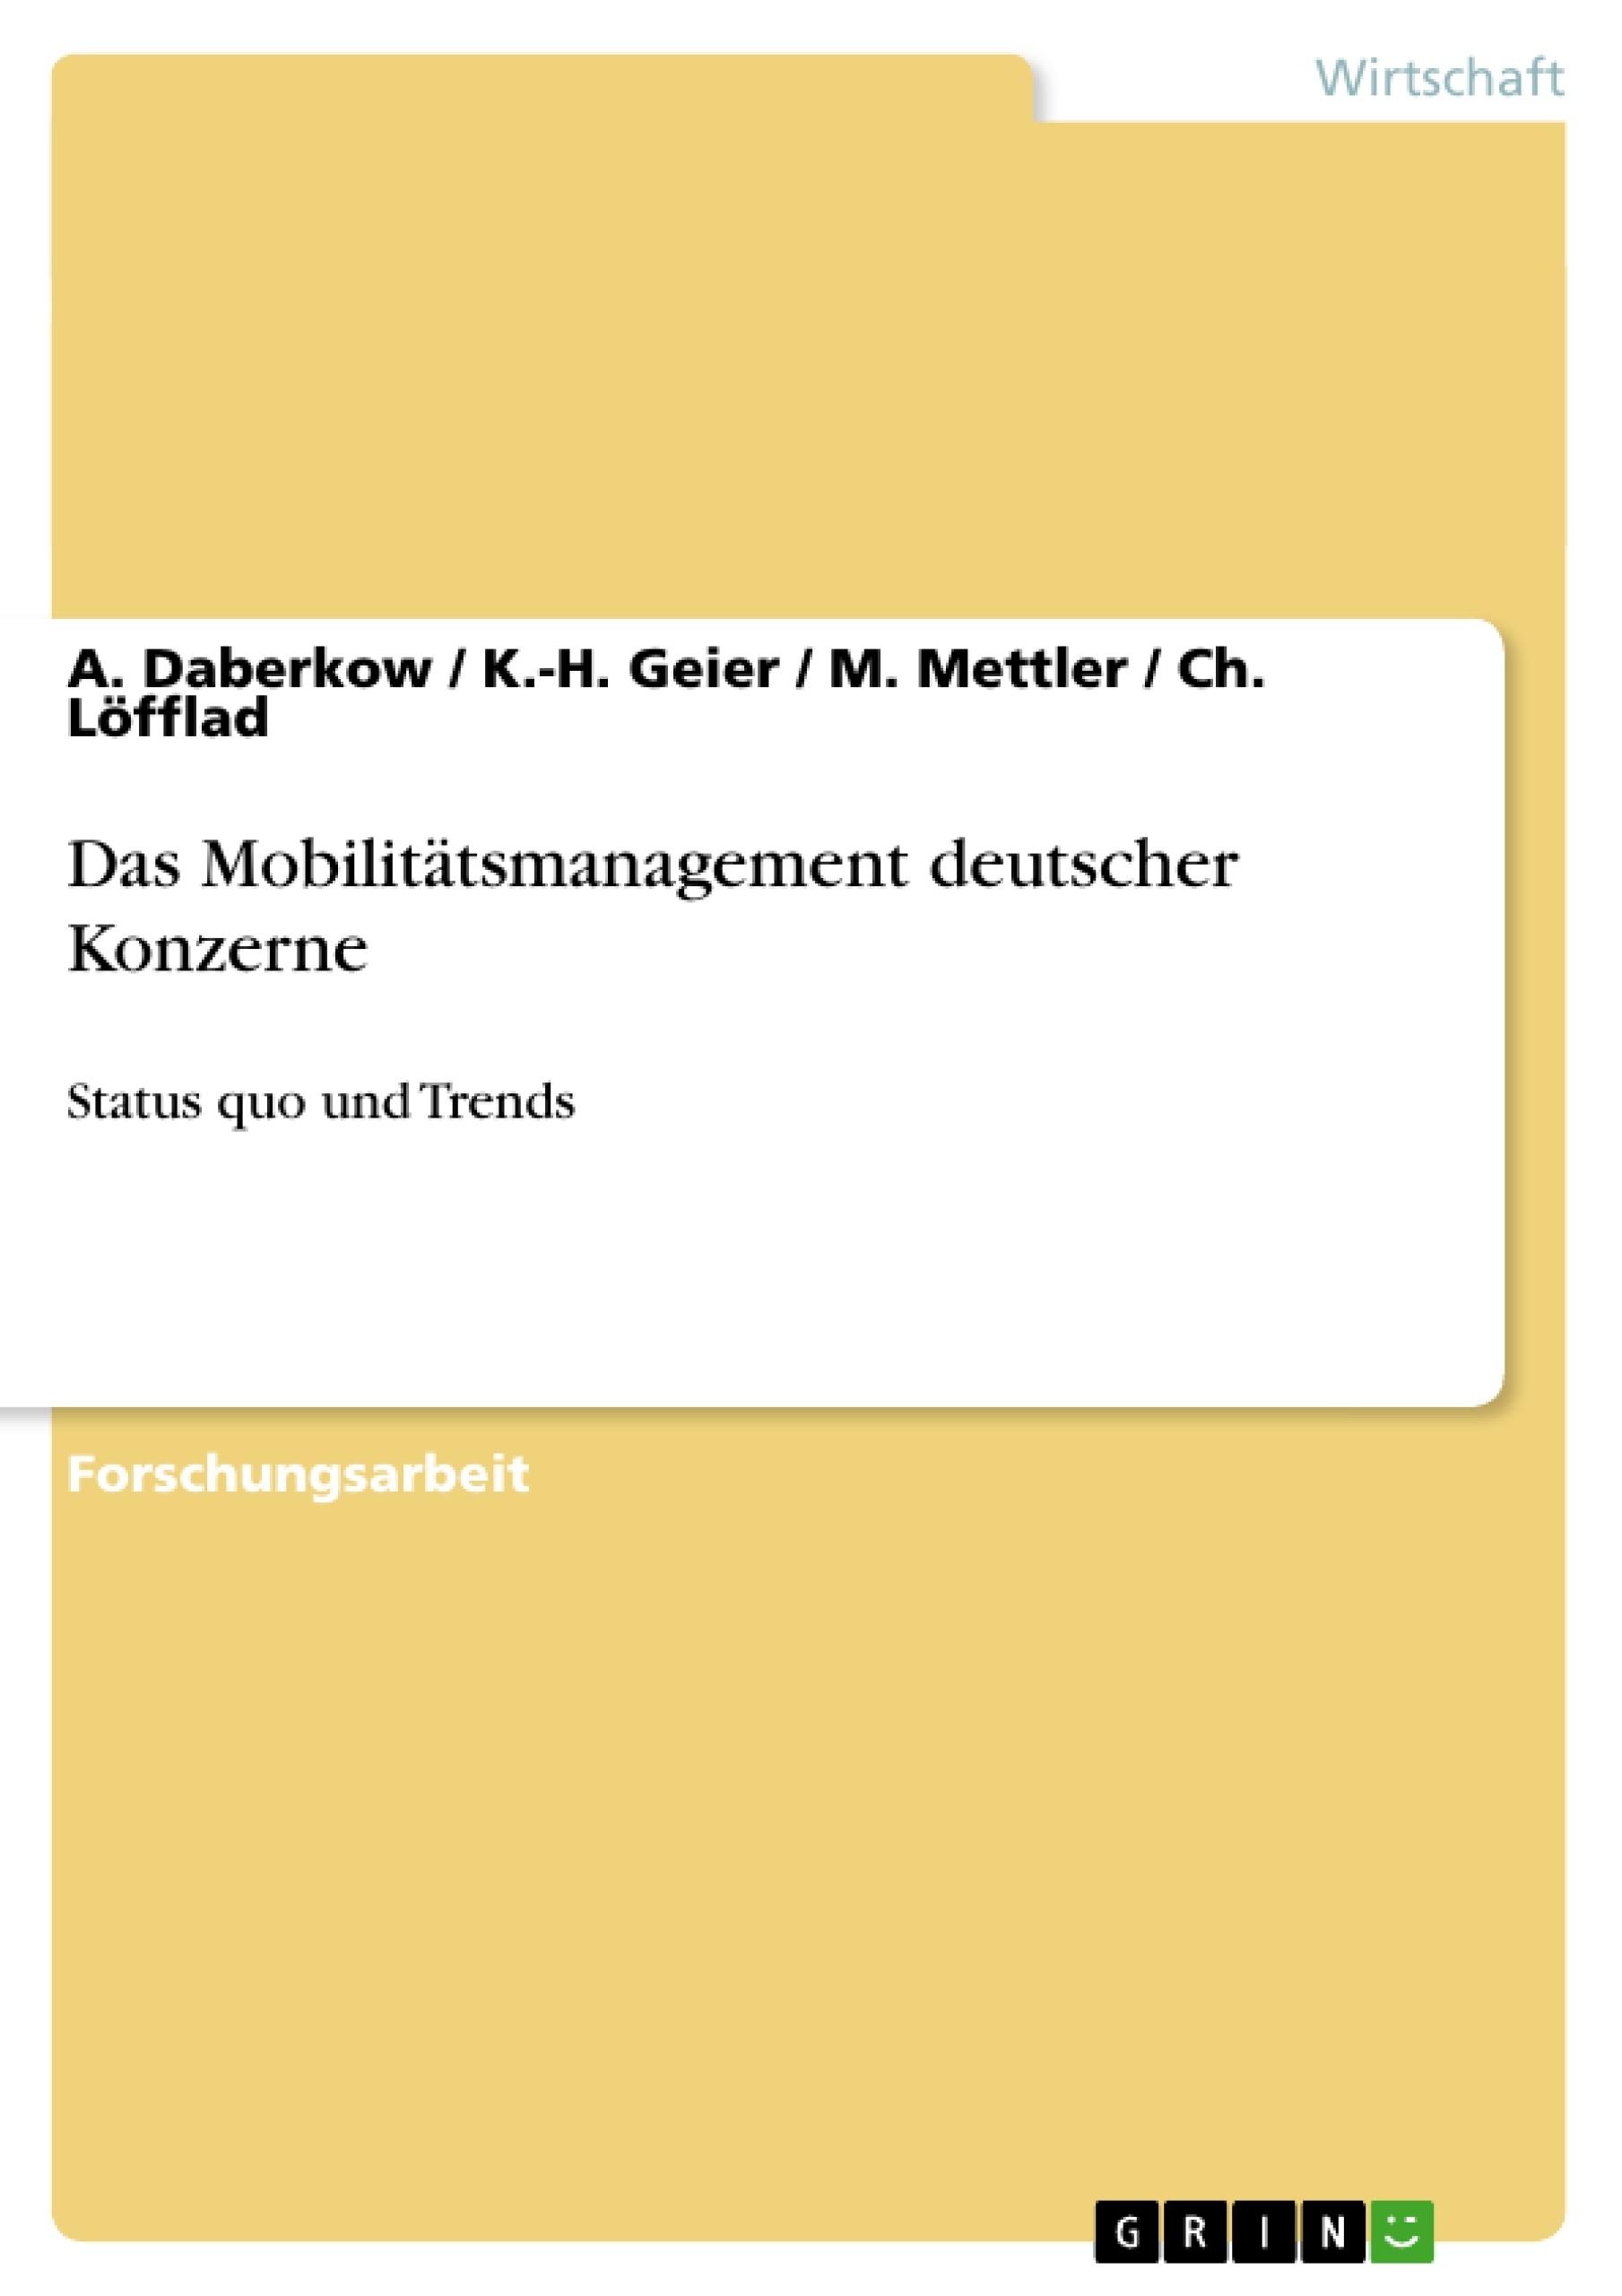 Titel: Das Mobilitätsmanagement deutscher Konzerne